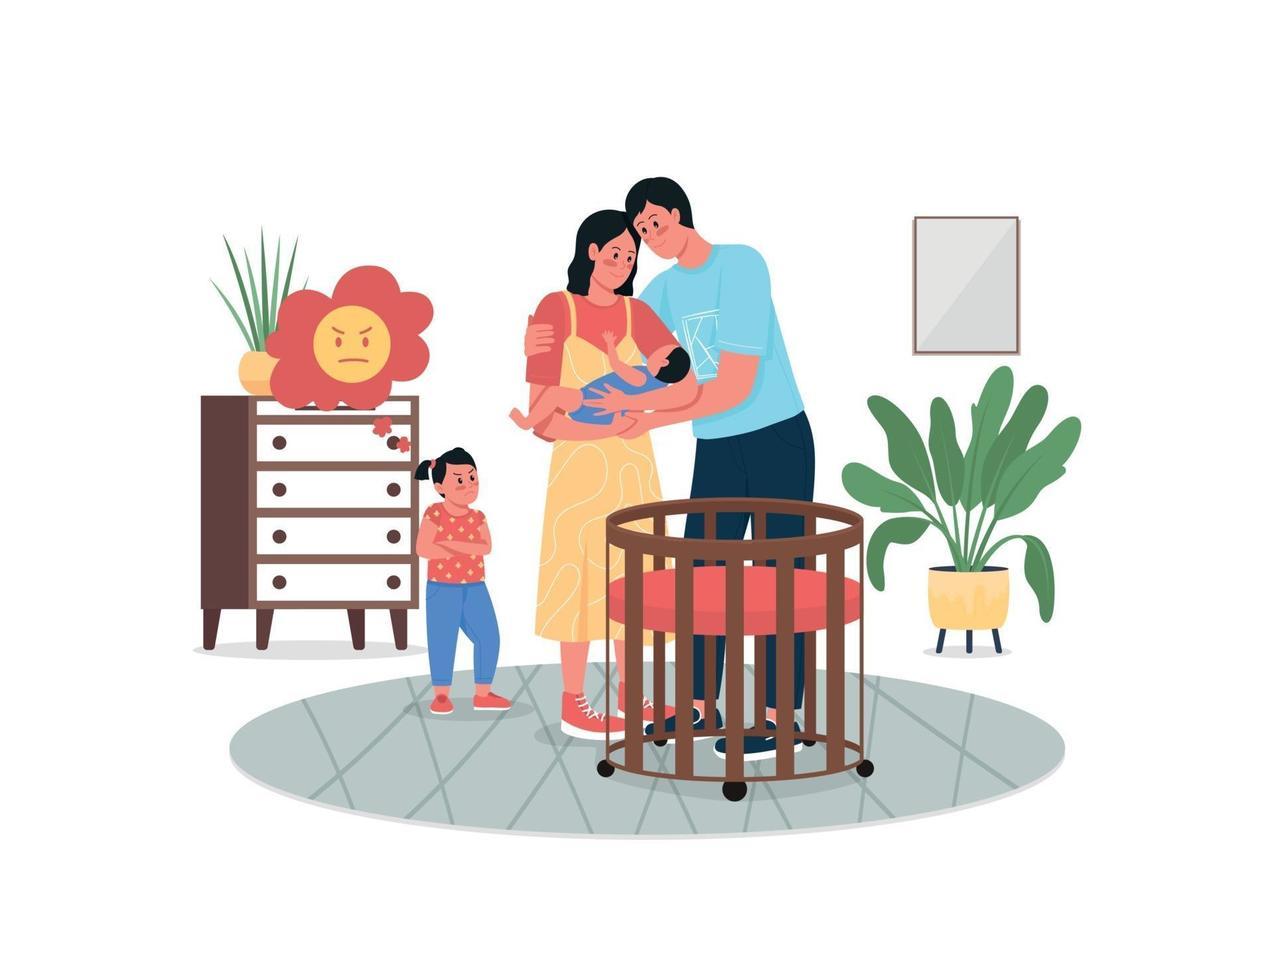 meisje jaloers met de pasgeboren baby egale kleur vector gedetailleerde karakters van de ouders